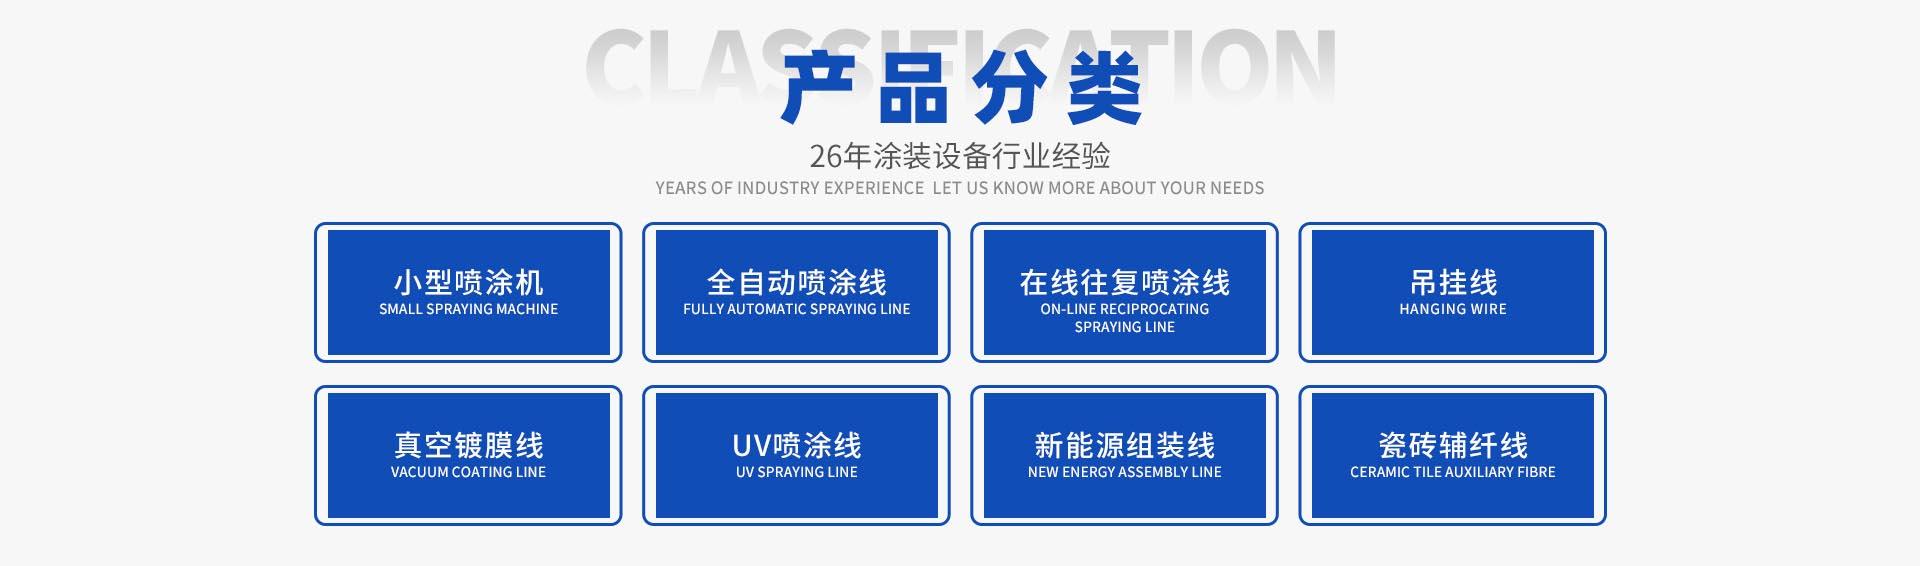 恒益祥涂装设备产品分类